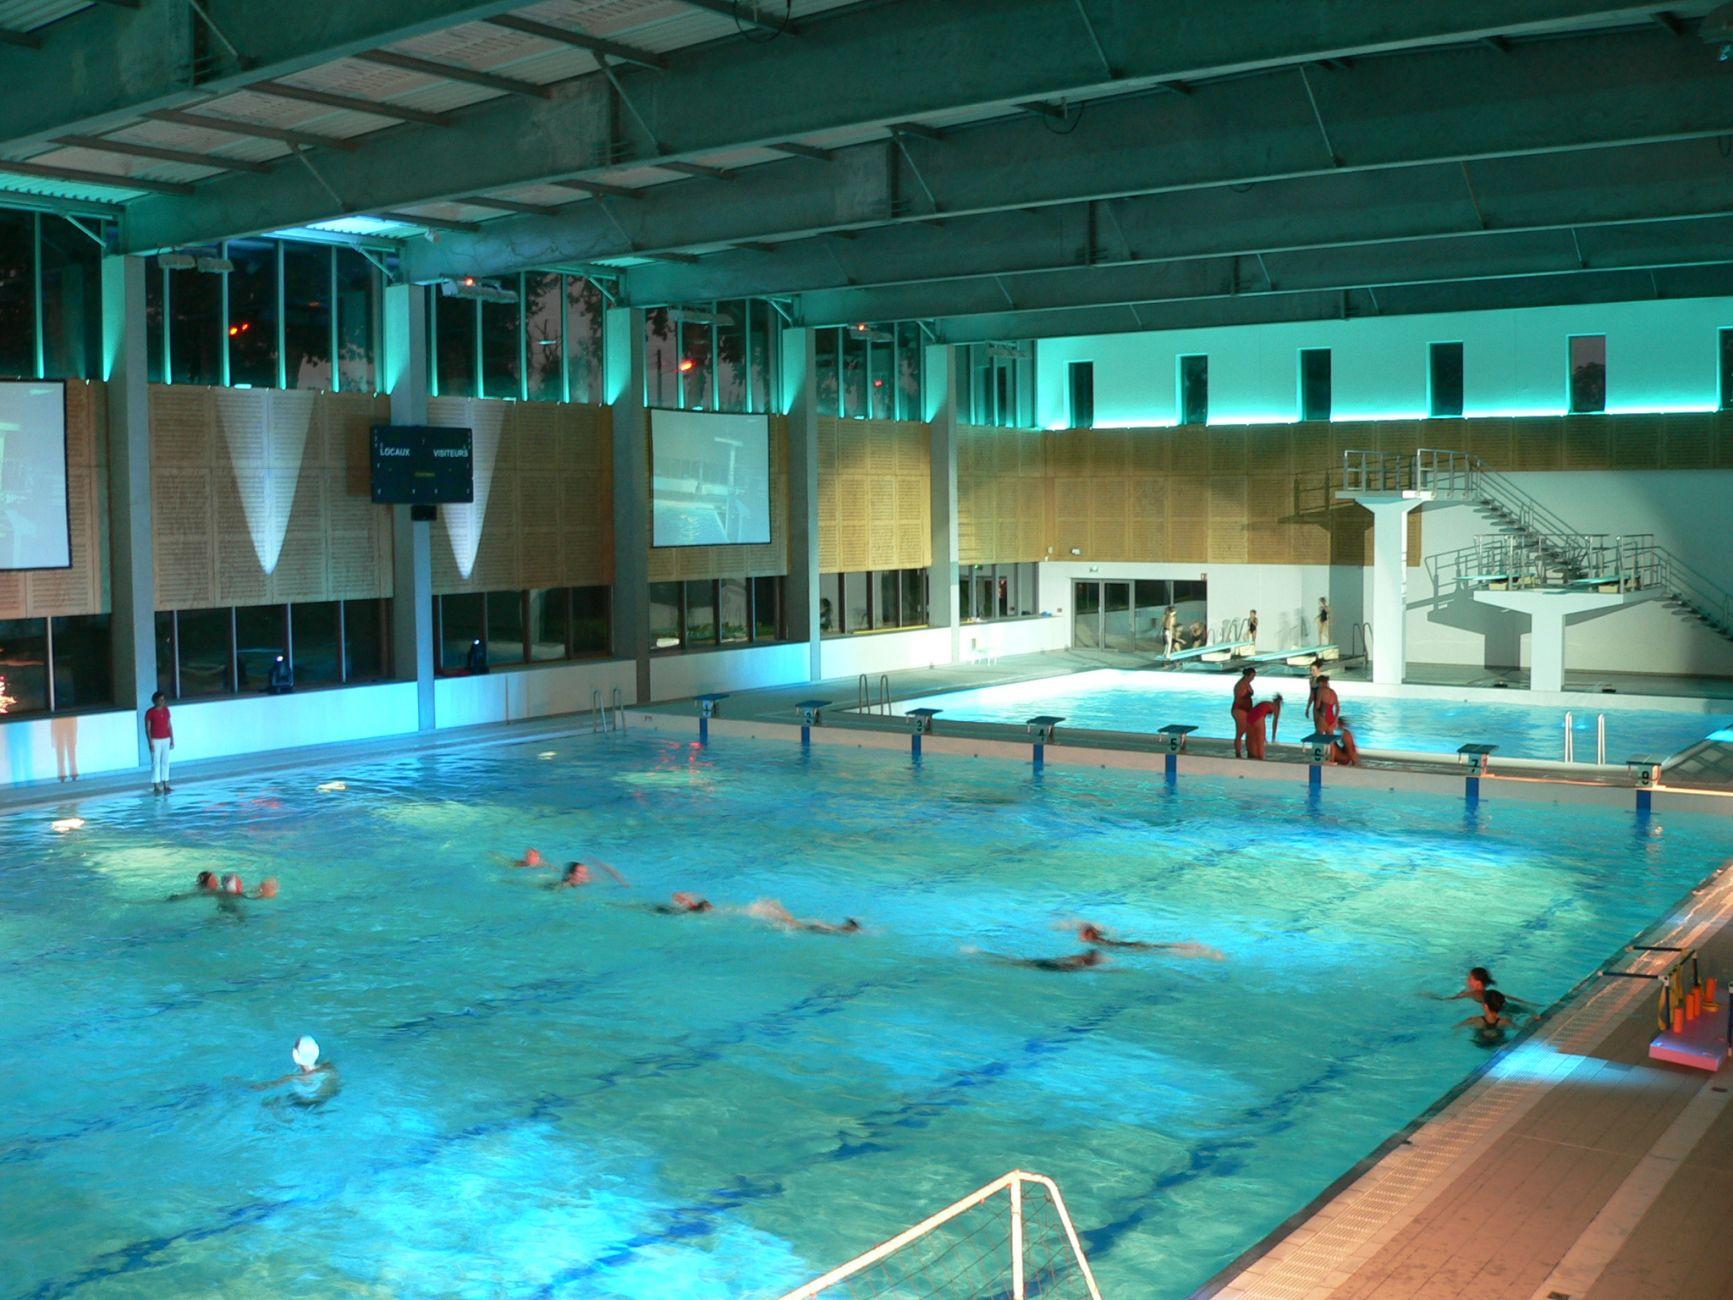 Nautic Center Carré D'eau - 01000 Bourg-En-Bresse pour Piscine Bourg En Bresse